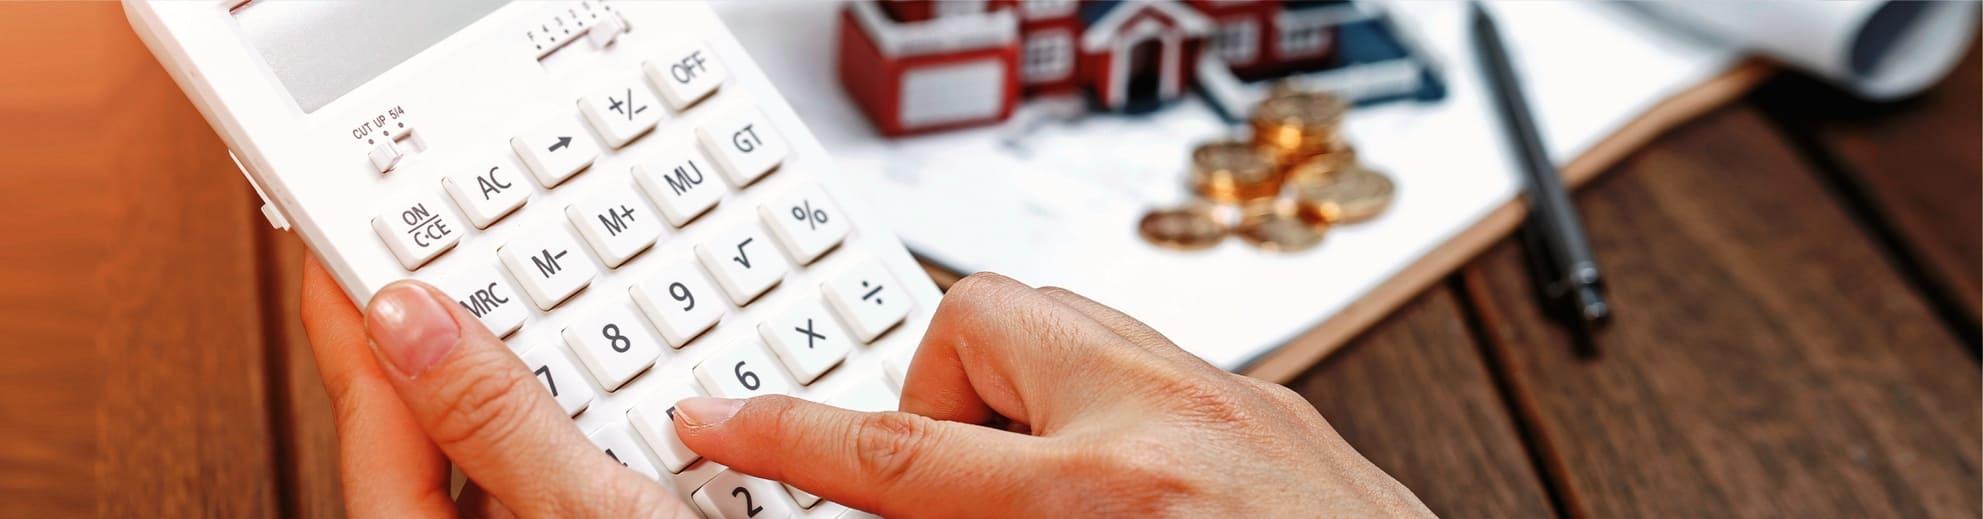 Ипотека сегодня: обзор ставок и прогноз